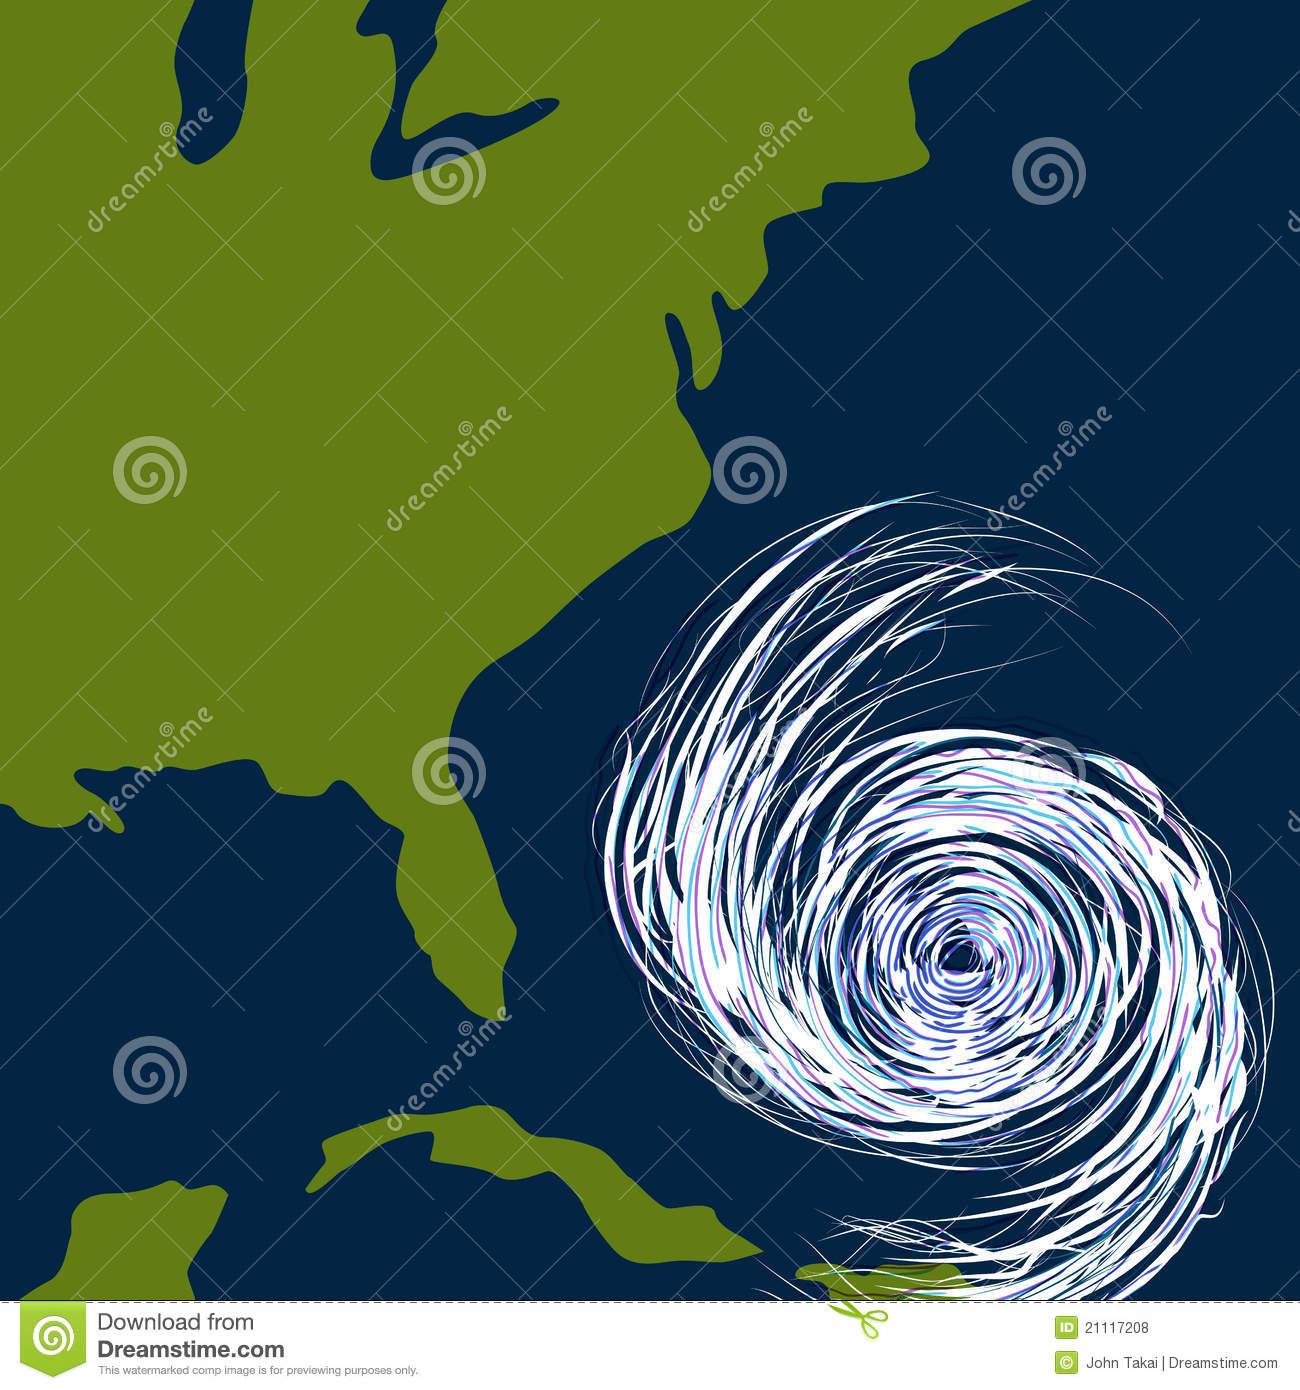 hurricane clipart-hurricane clipart-11